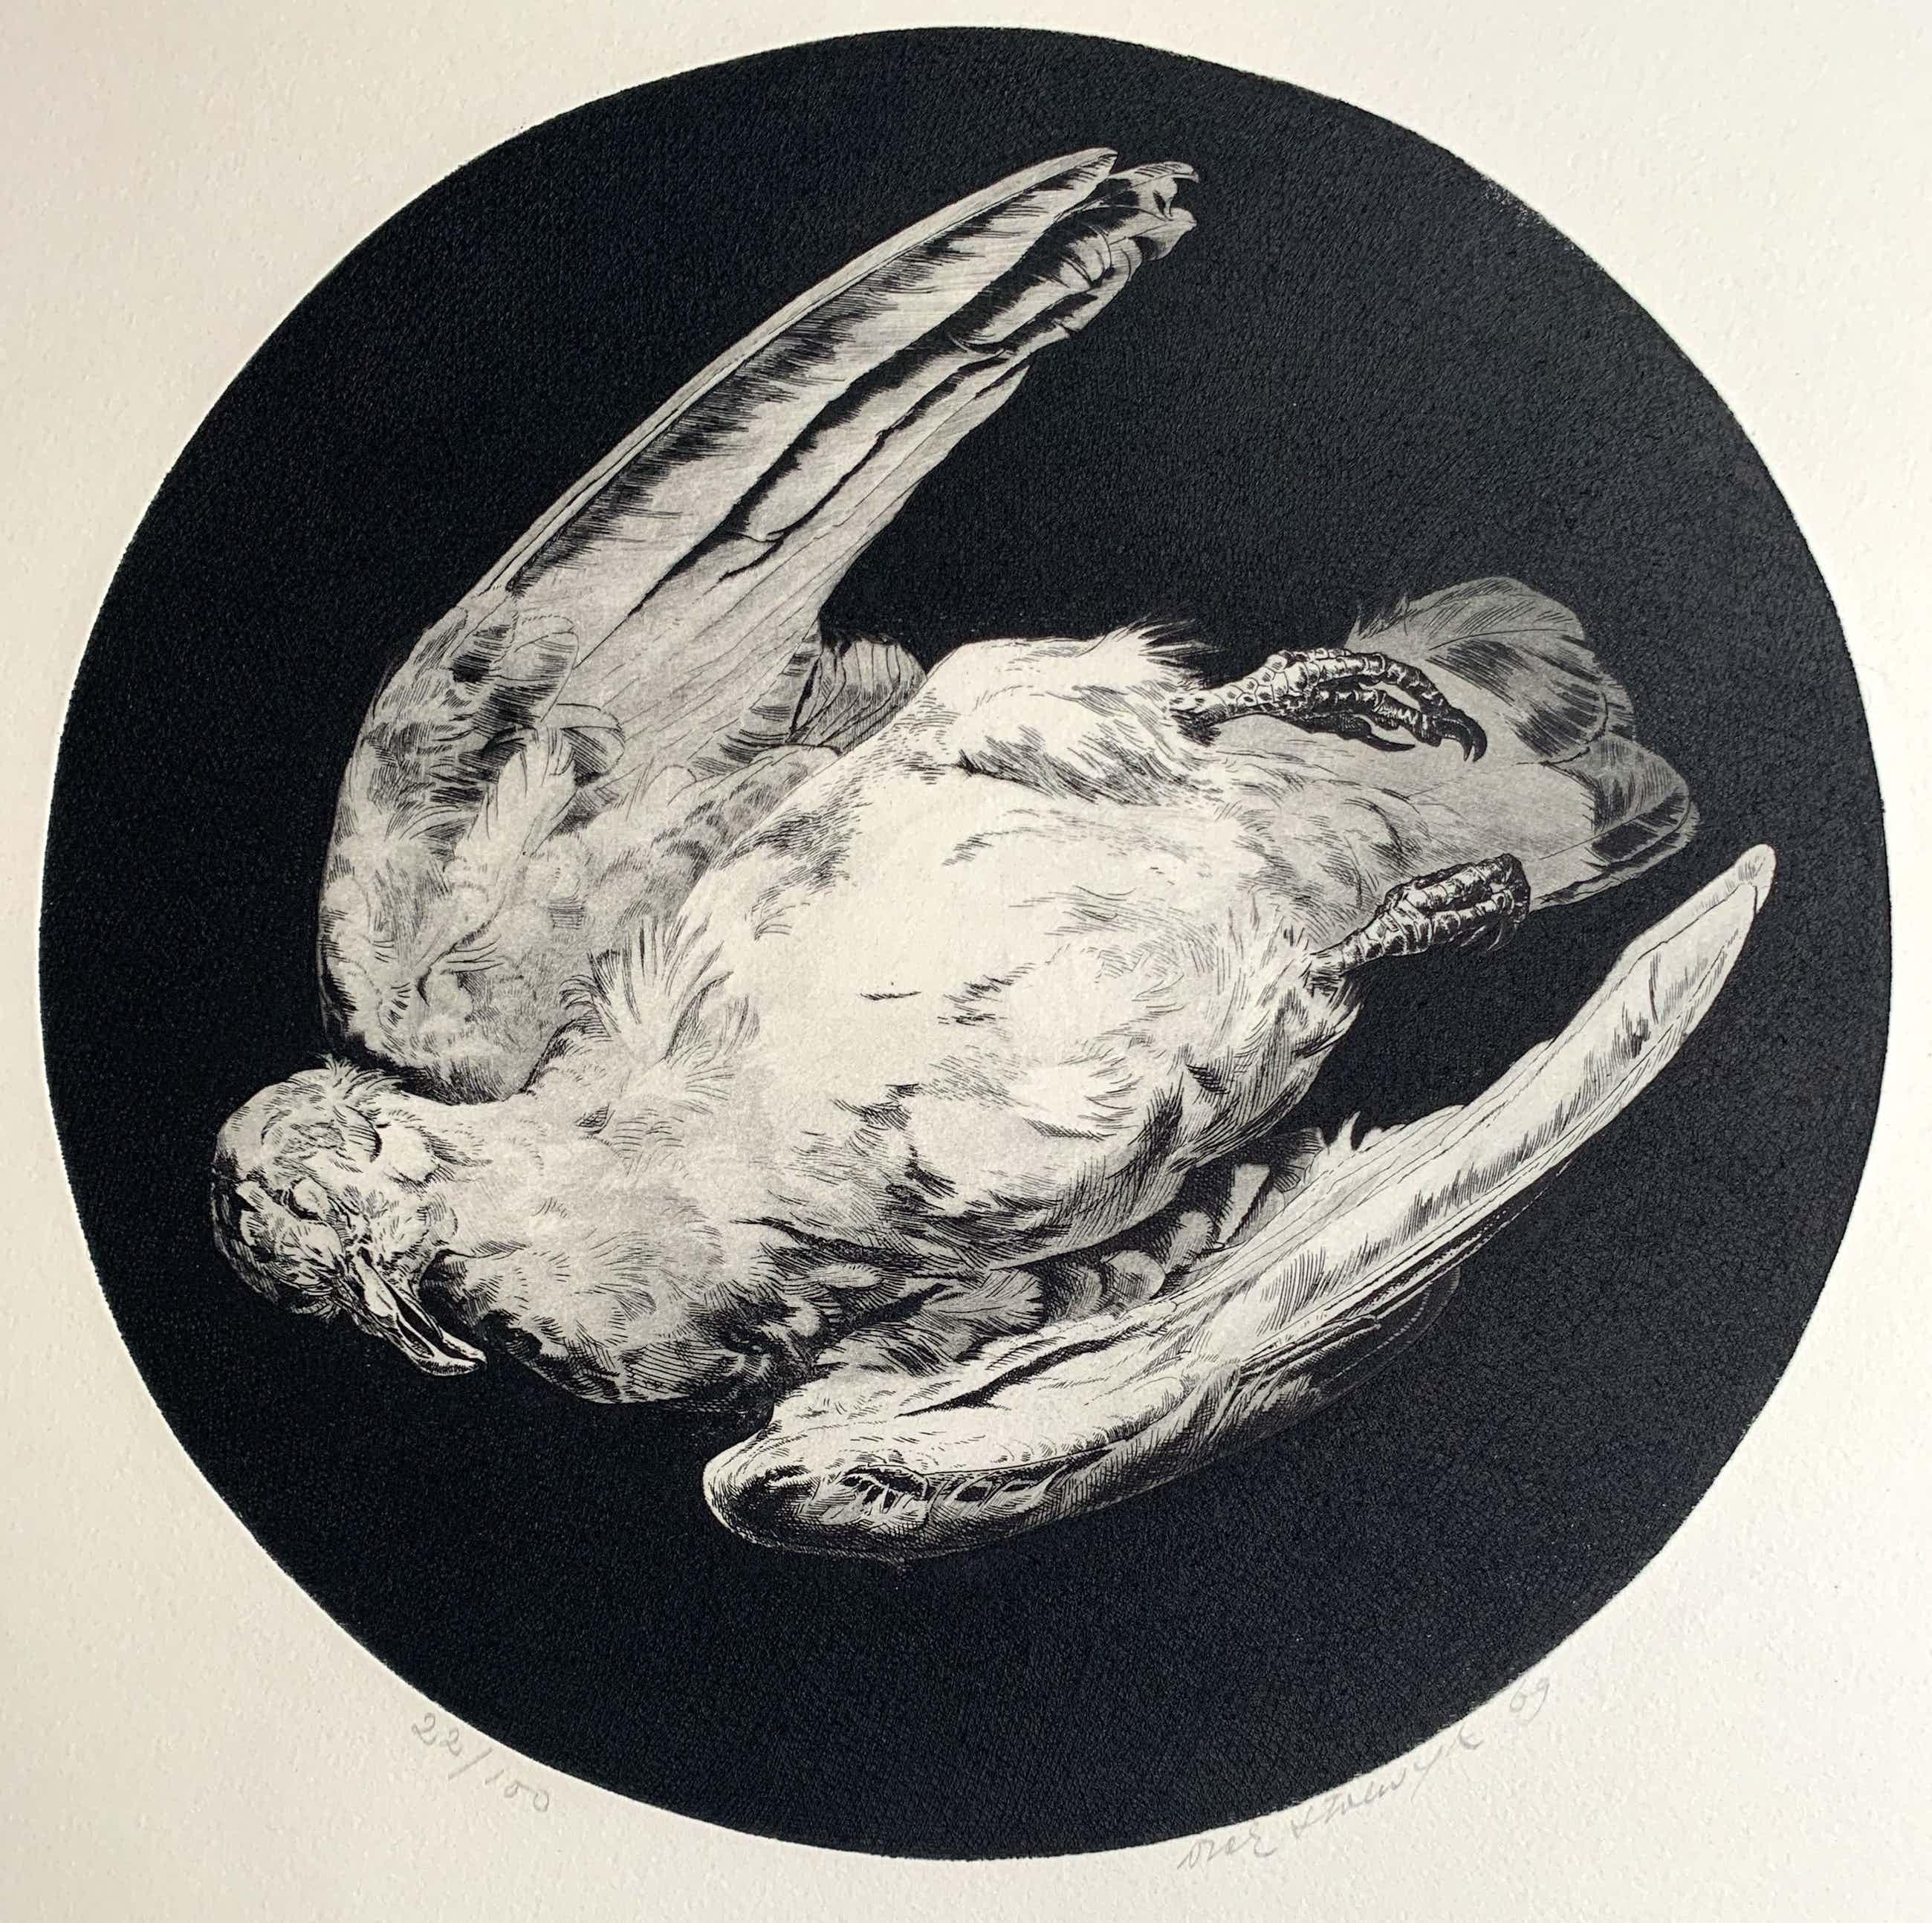 Dick Stolwijk - Ets | 'Dode duif' | 1969 kopen? Bied vanaf 60!